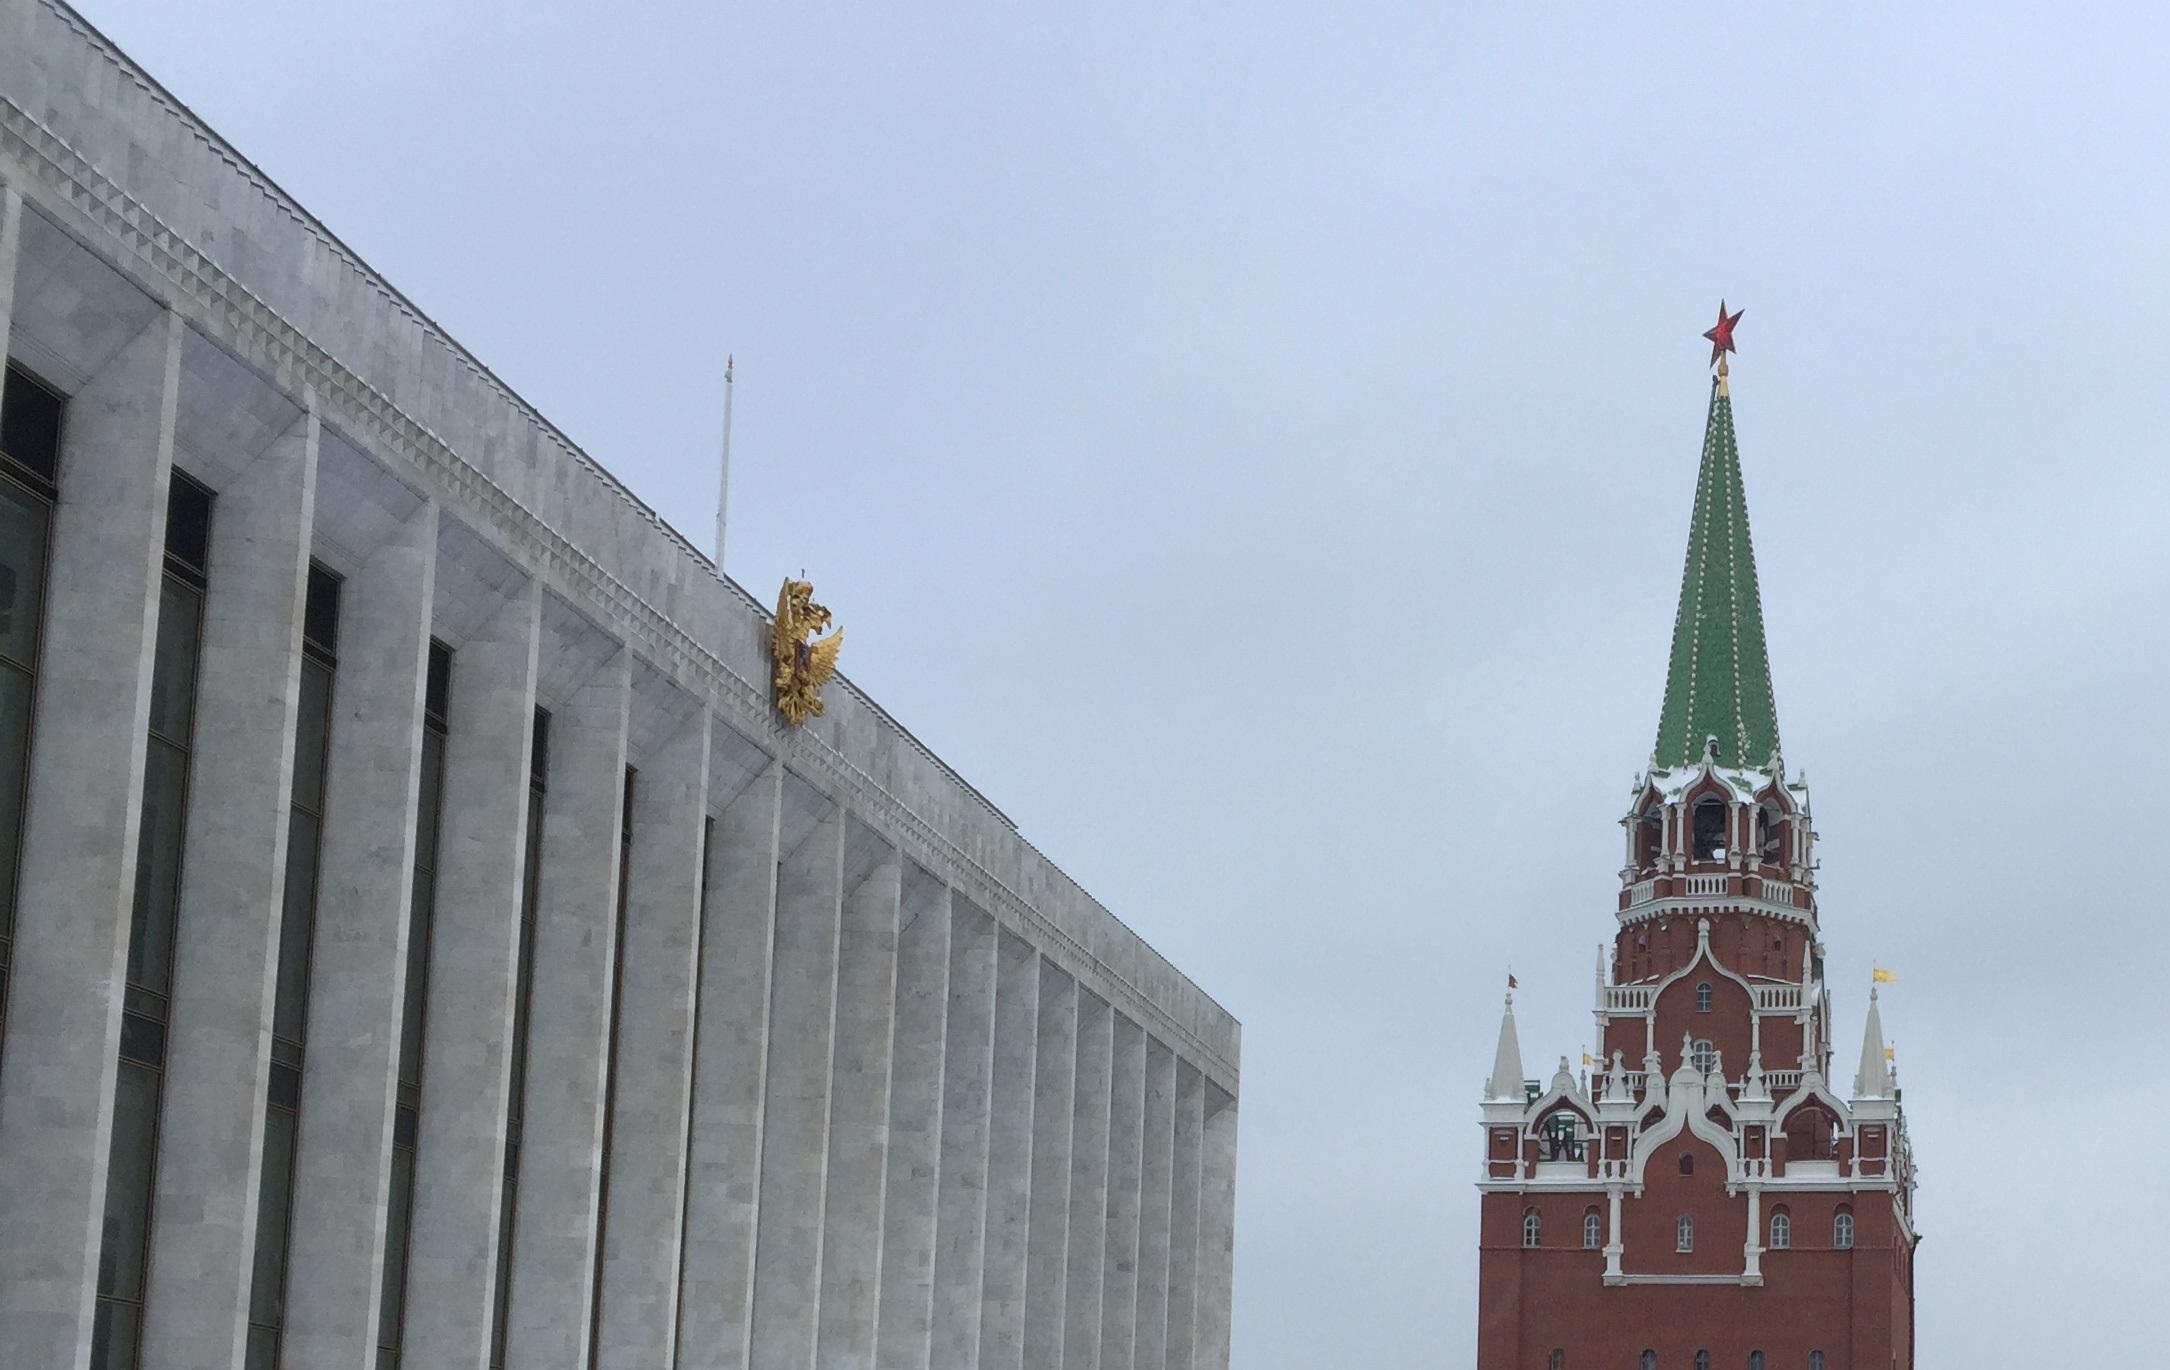 Dentro del Kremlin: el Palacio Estatal construido por el régimen soviético, ahora convertido en sala de conciertos y adornado con el águila bicéfala rusa (izquierda), junto a una de las columnas de la muralla medieval, con una estrella comunista en su punta